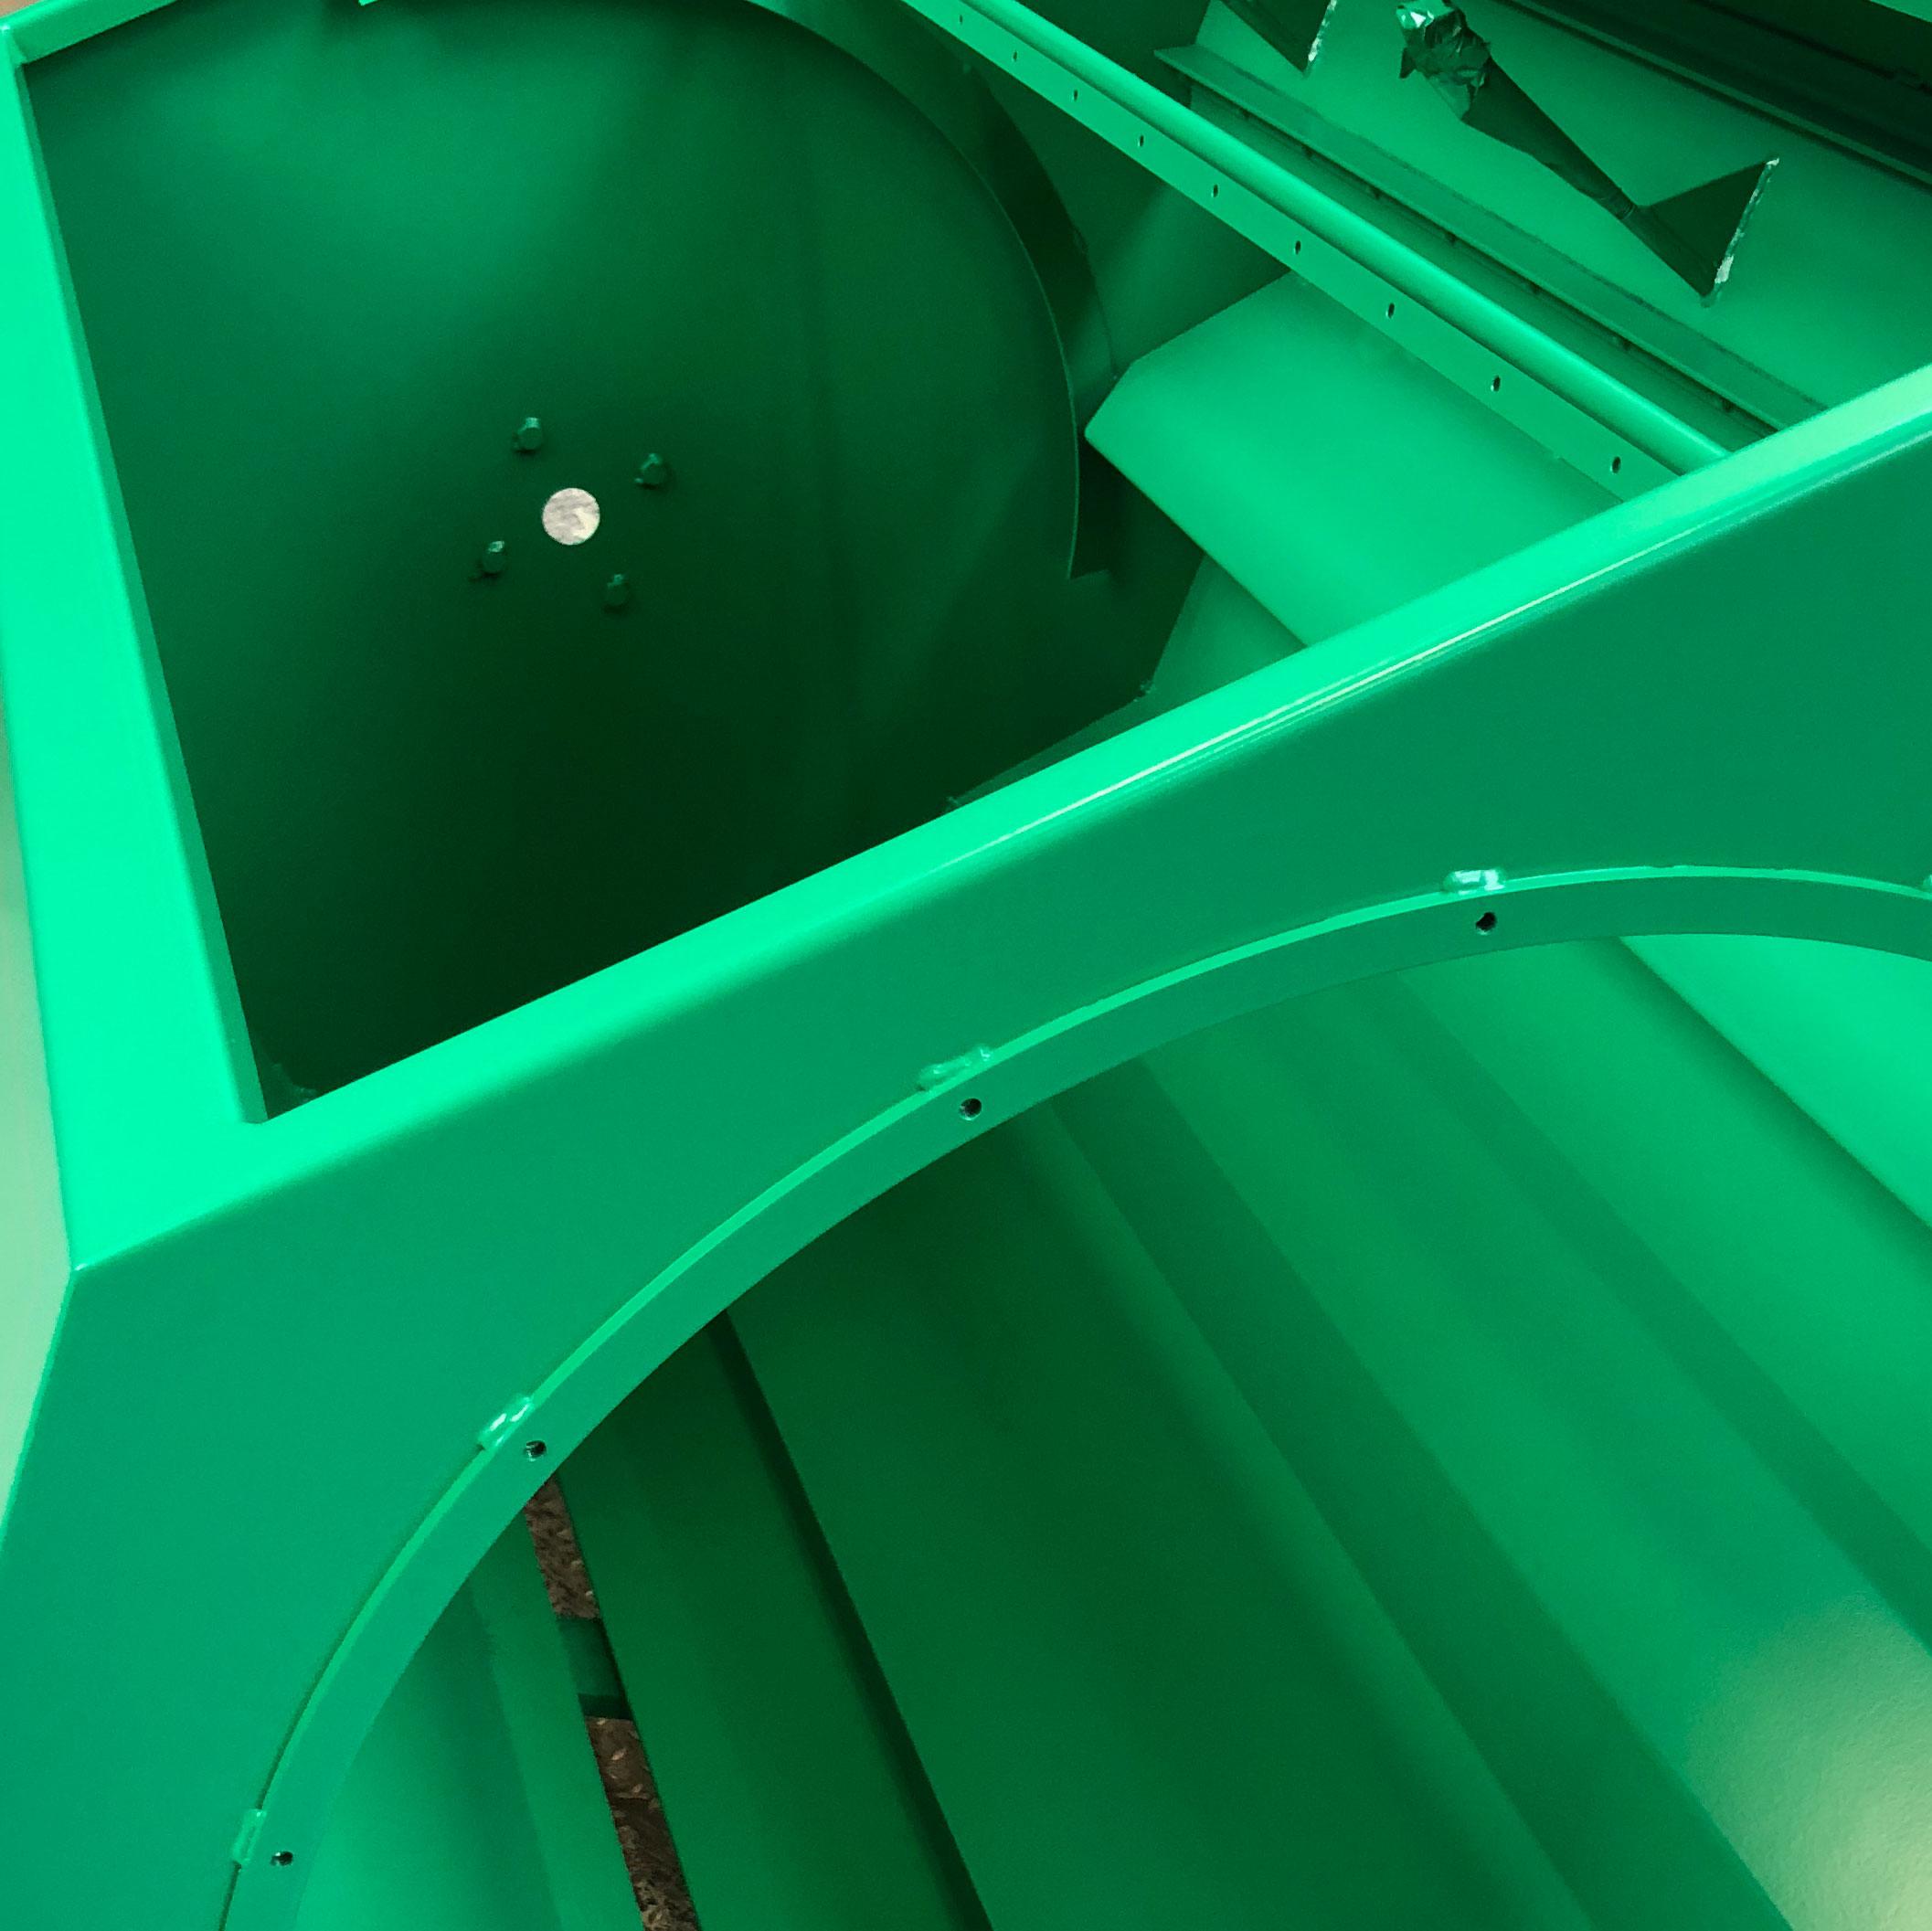 ....The switch to the well-known green colour of Westrup machines ..Passage à la couleur verte bien connue des machines Westrup ..Umstellung auf die typische grüne Farbe der Westrup-Maschinen .. 伟世卓  机器的颜色改为经典的绿色 ..Переход на хорошо известный зеленый цвет машин Westrup ....